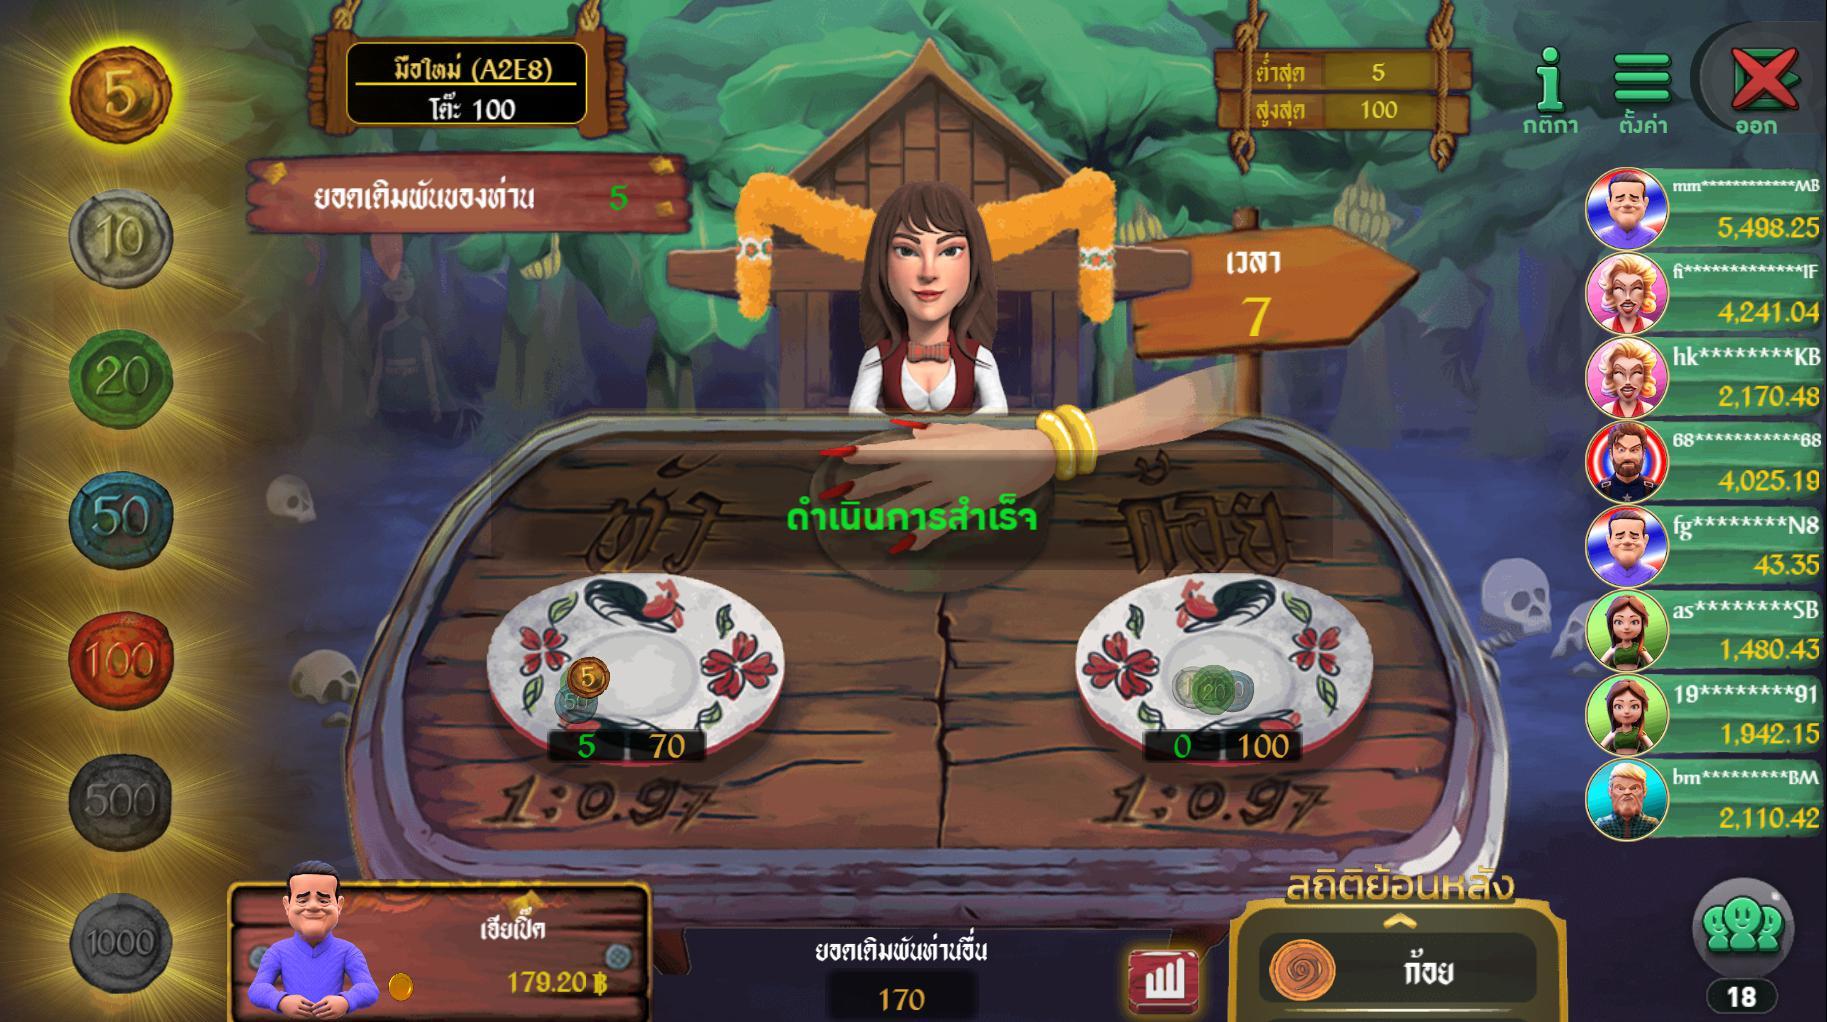 play gameheadortail6